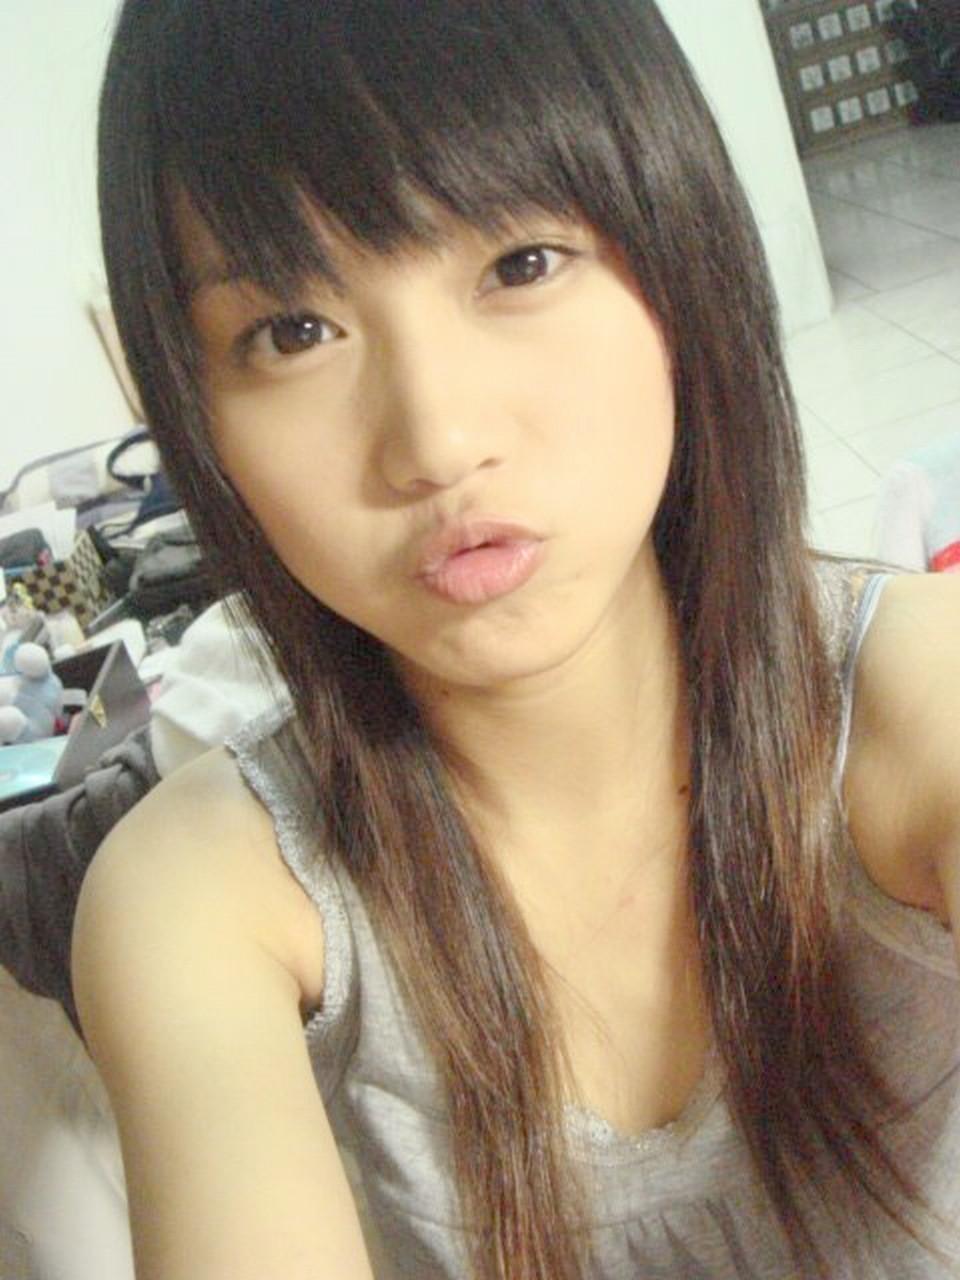 【悲報】ワイ、台湾のJKが可愛すぎて泣けてくるwwwwwwww wpid uK7NZqw